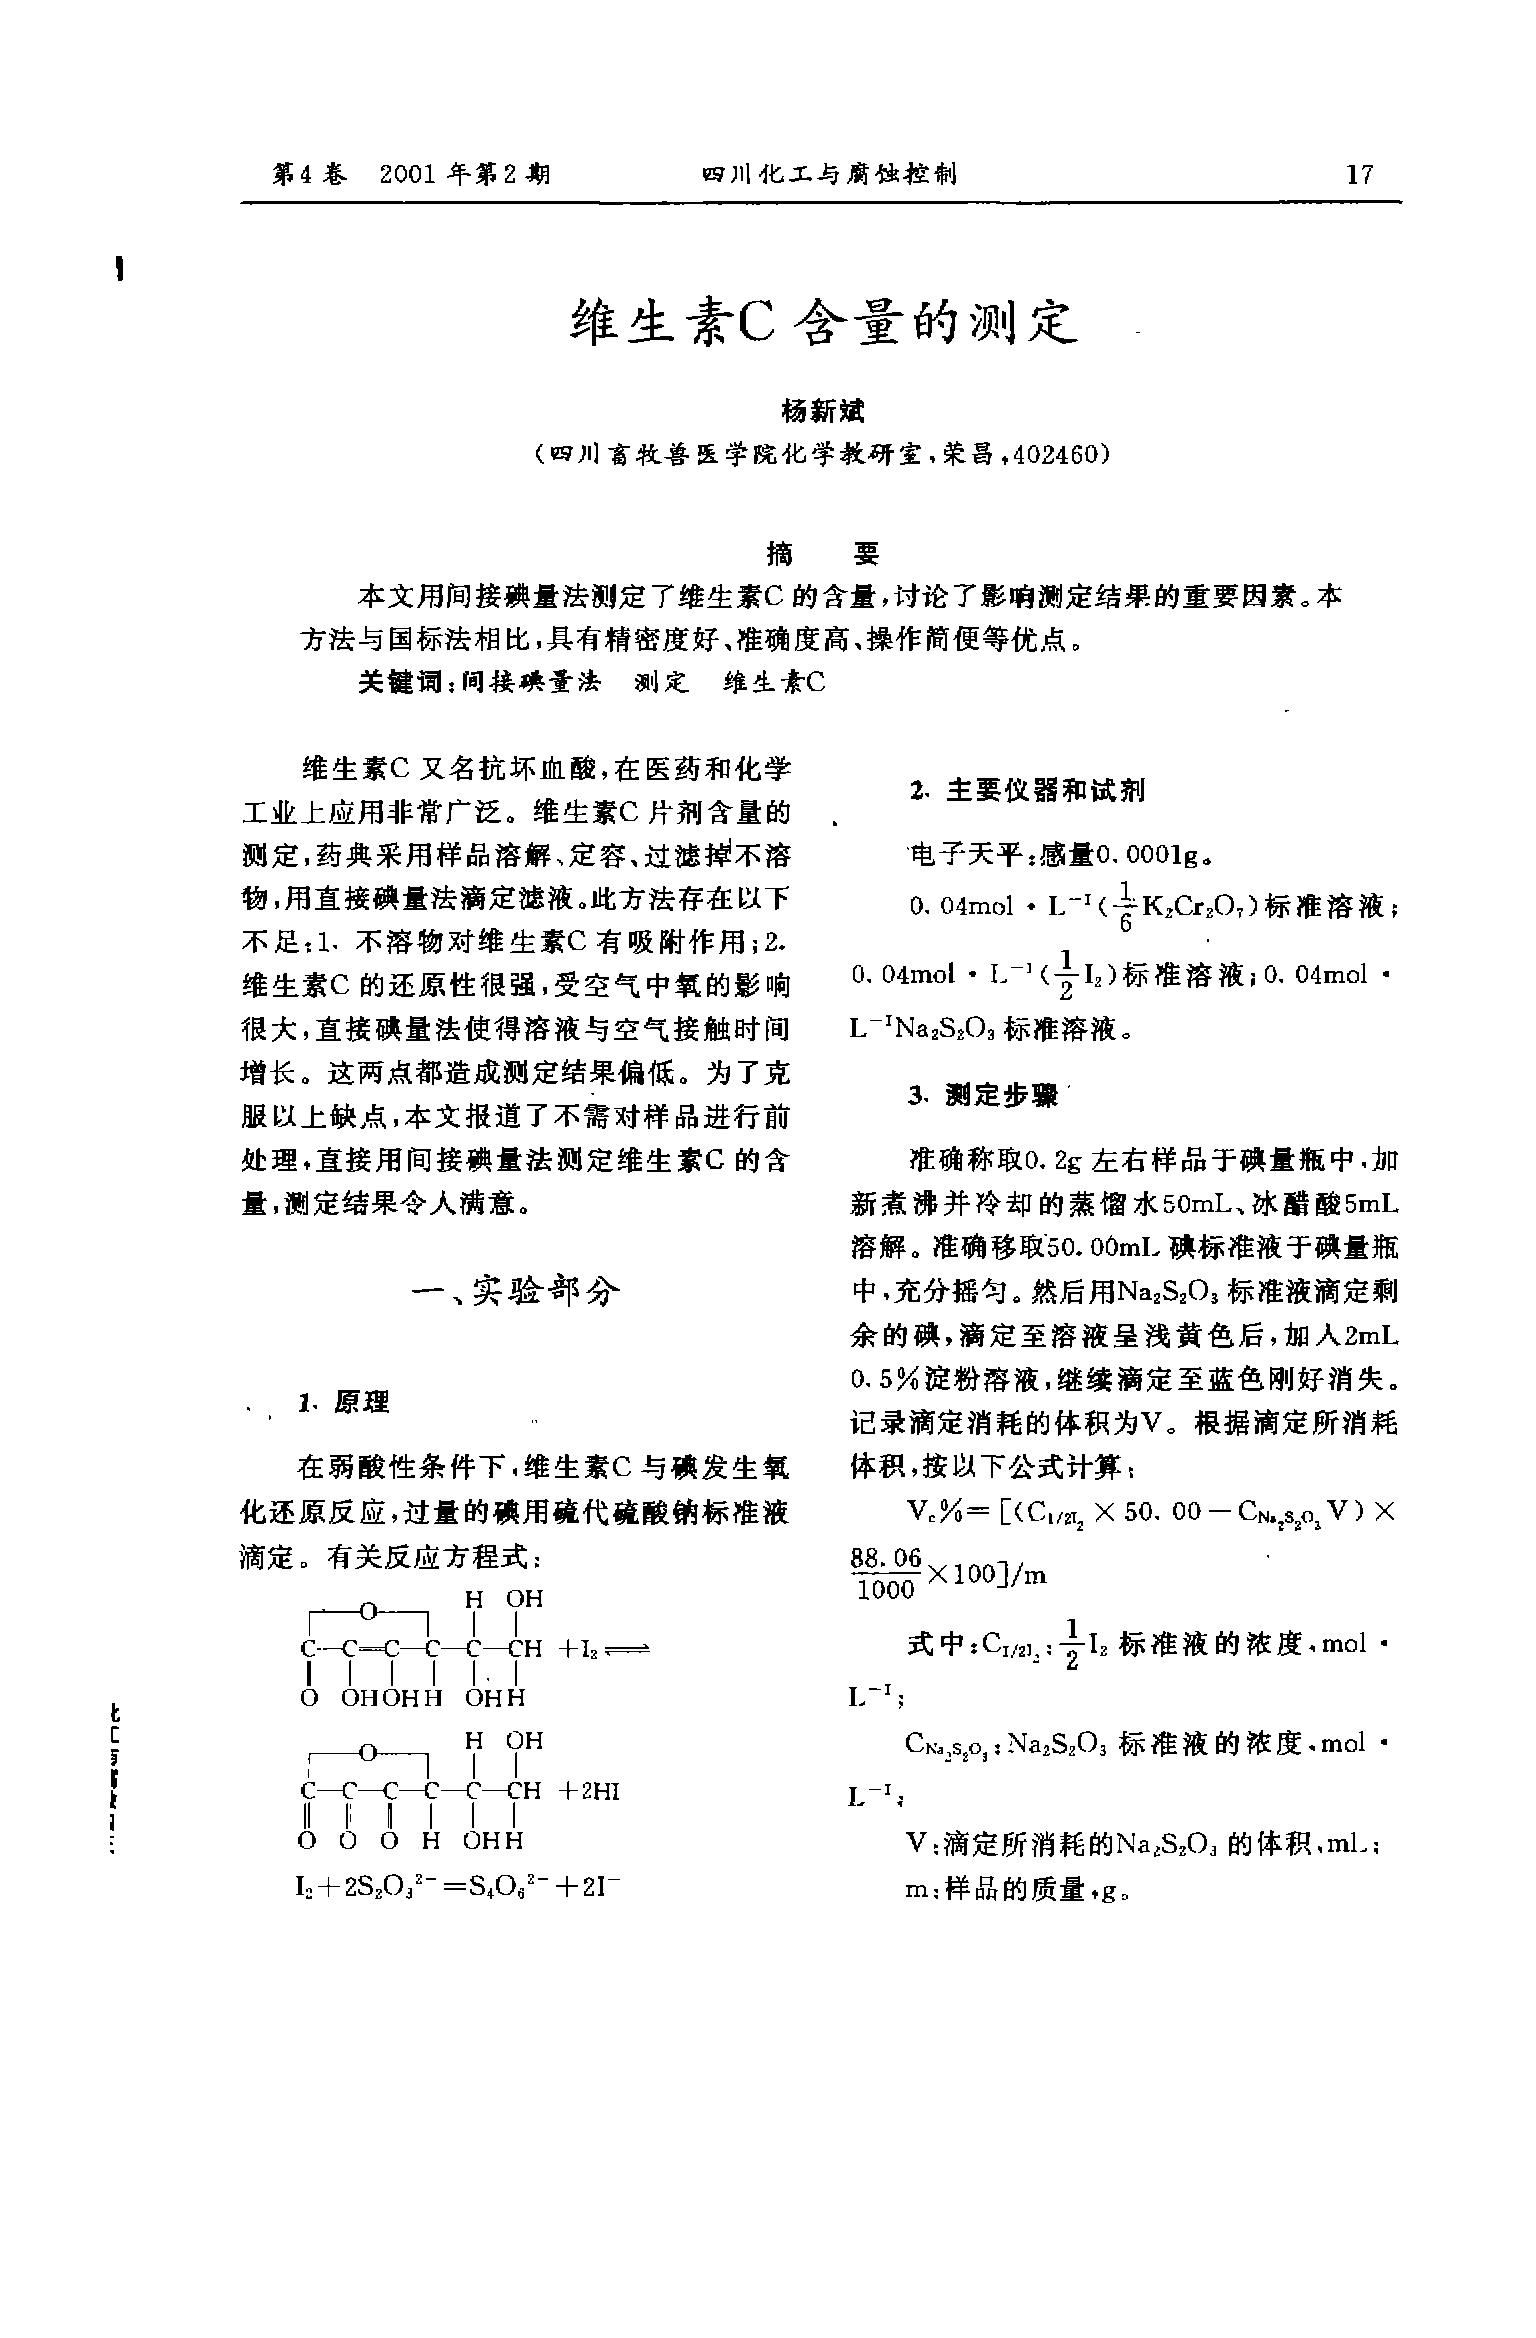 维生素C含量的测定